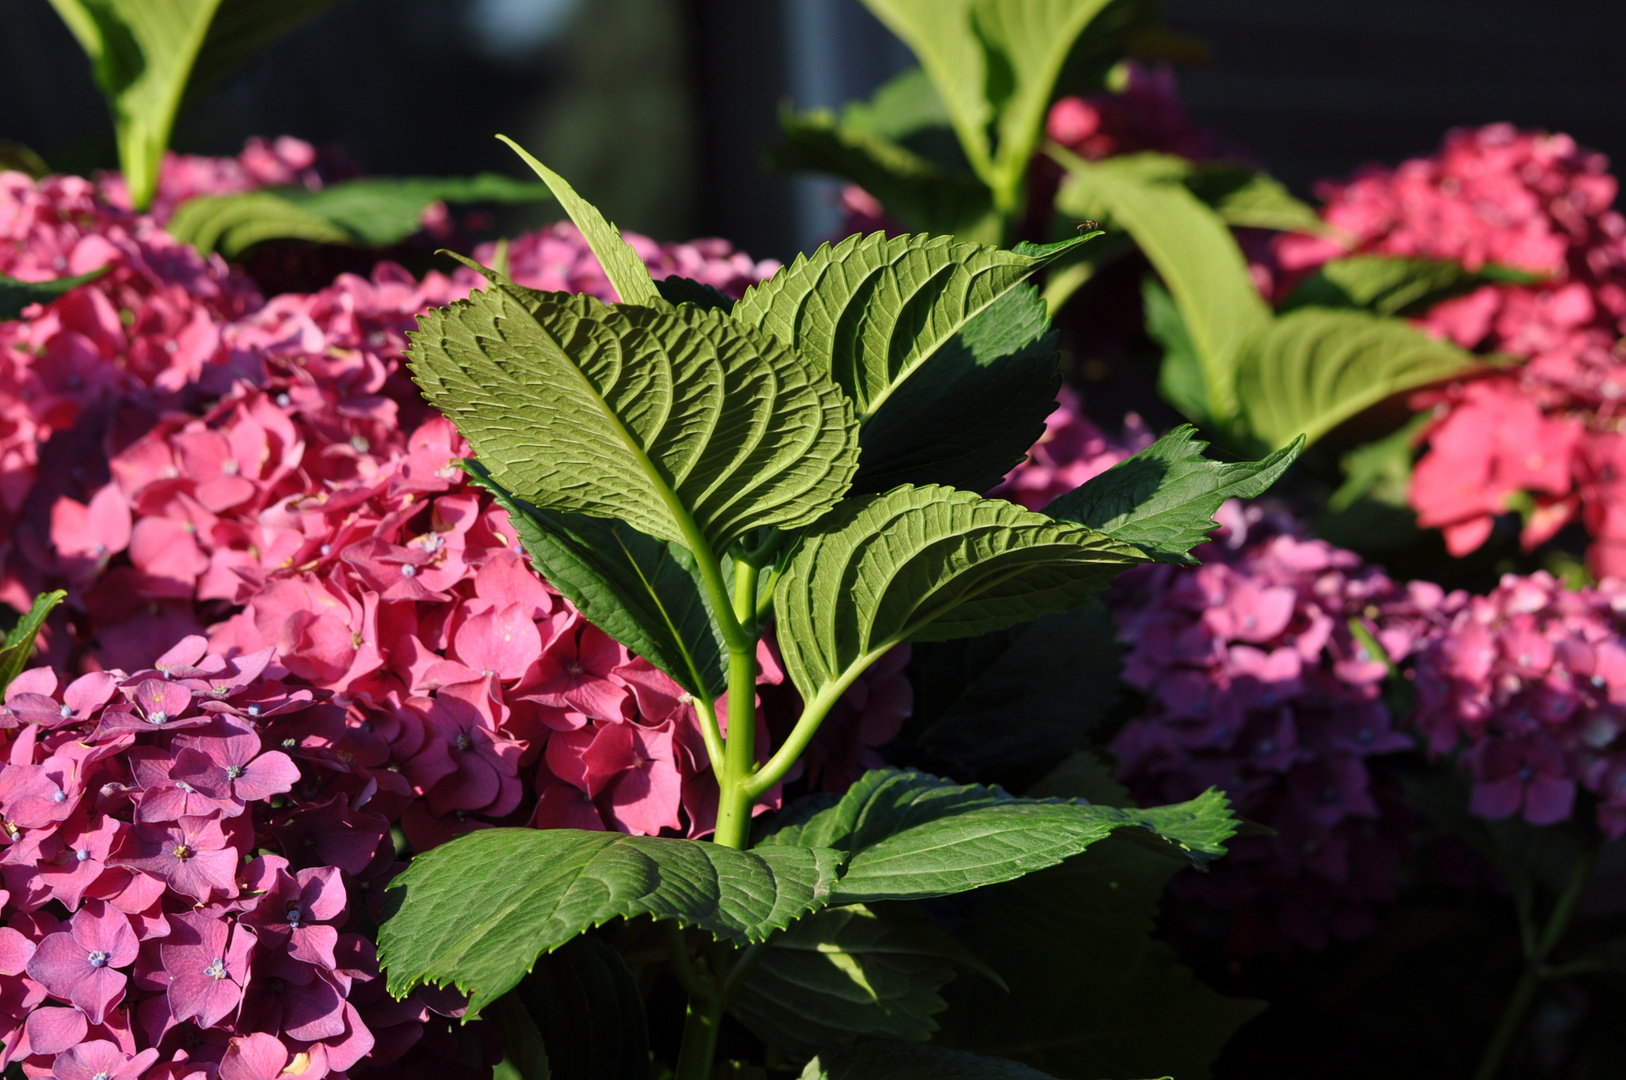 Hortensienblätter